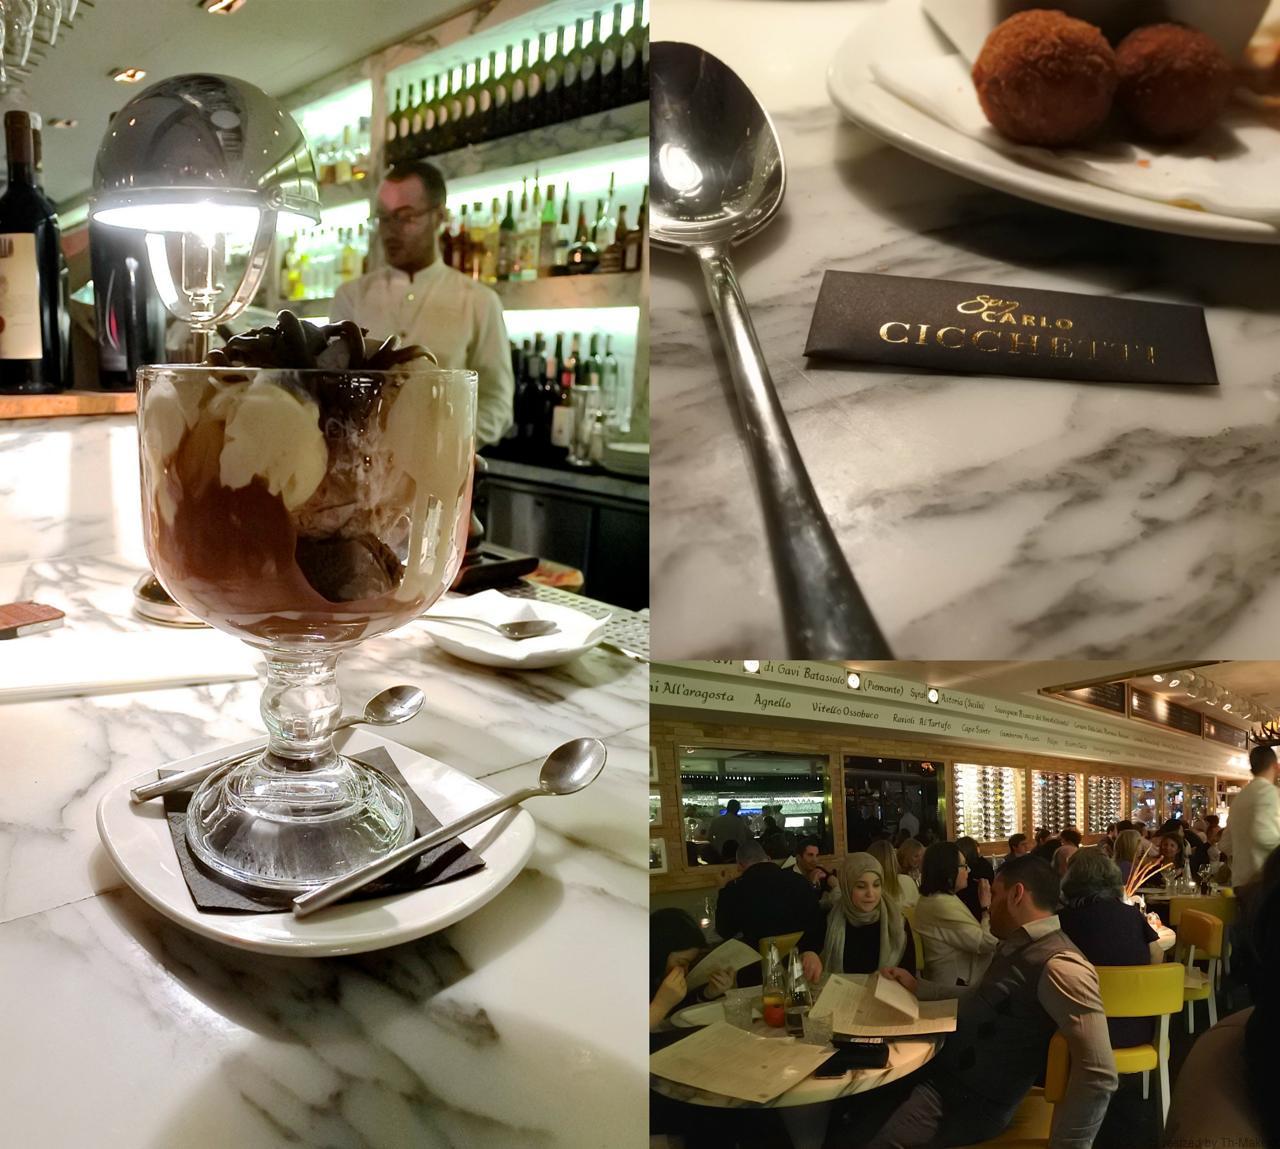 お隣の女性2名が召し上がっていた巨大チョコレート・アイスクリーム・サンデー。